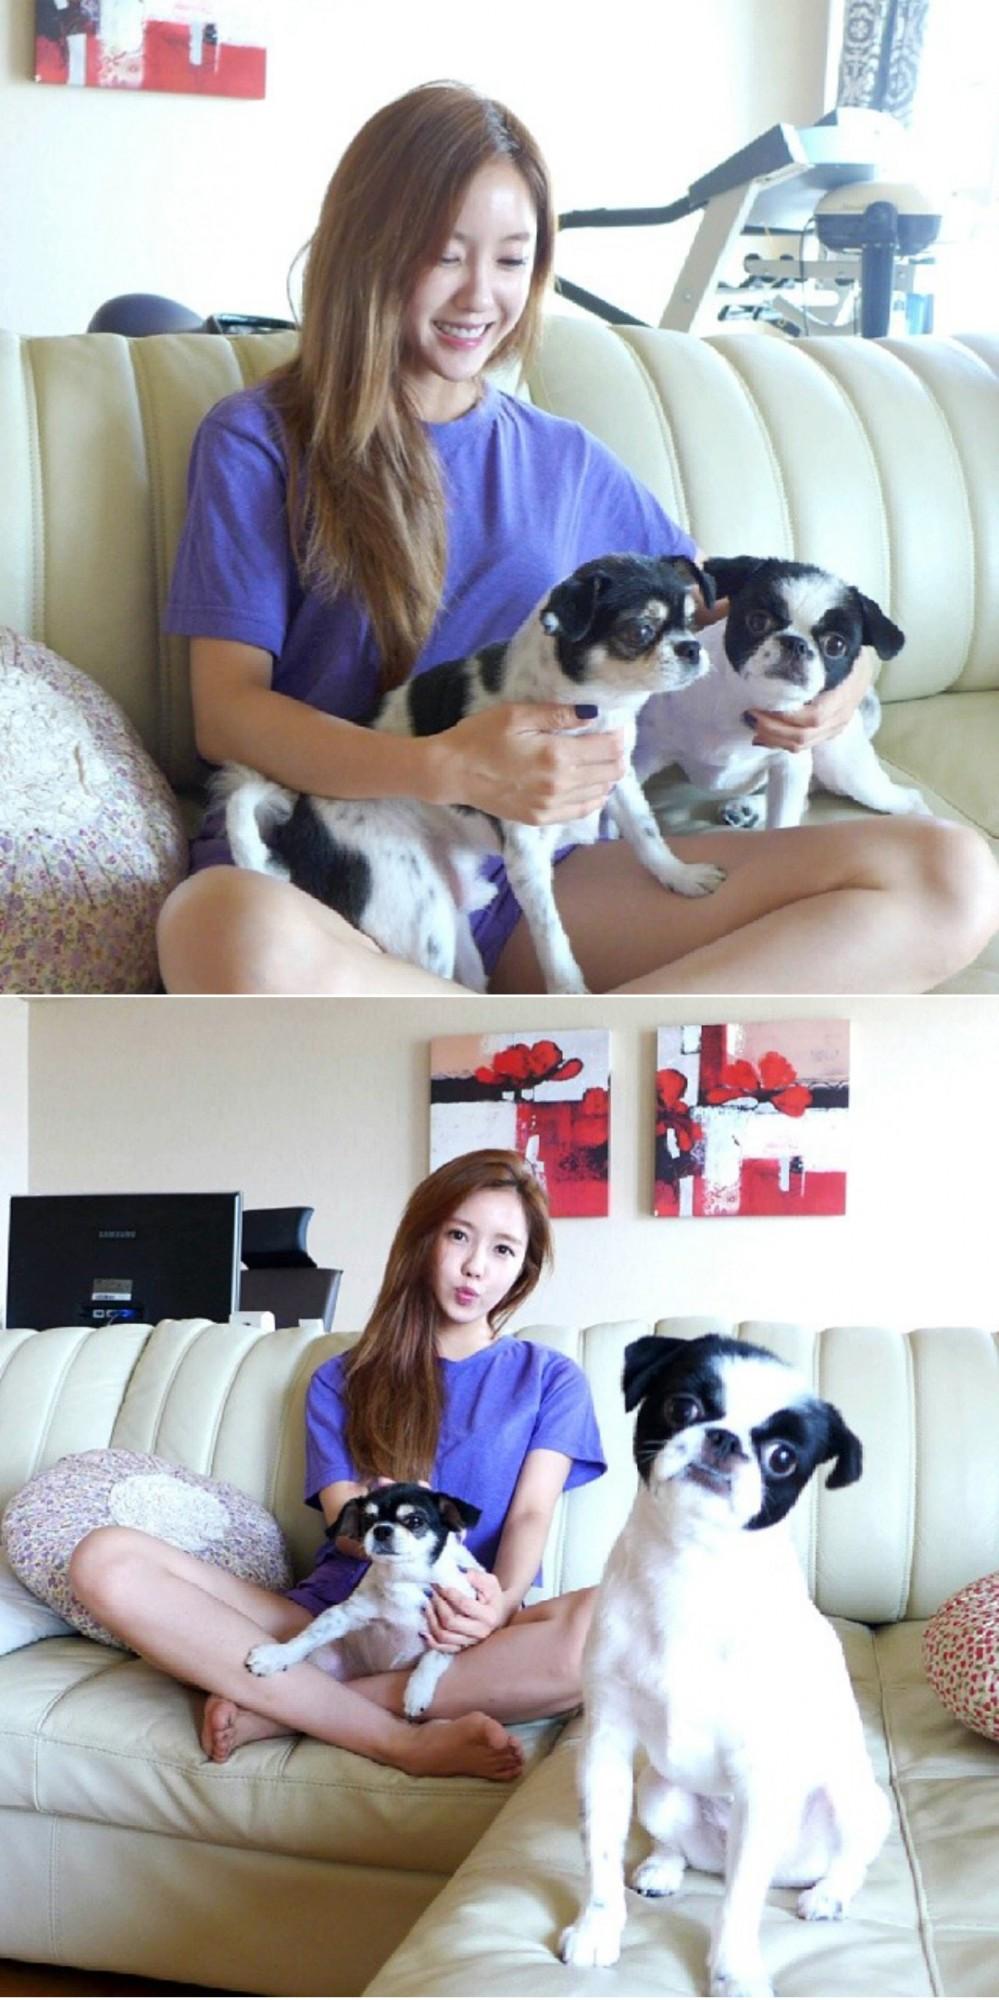 T-ARAヒョミン-ツイッター画像での愛犬紹介にファン「うらやましい」